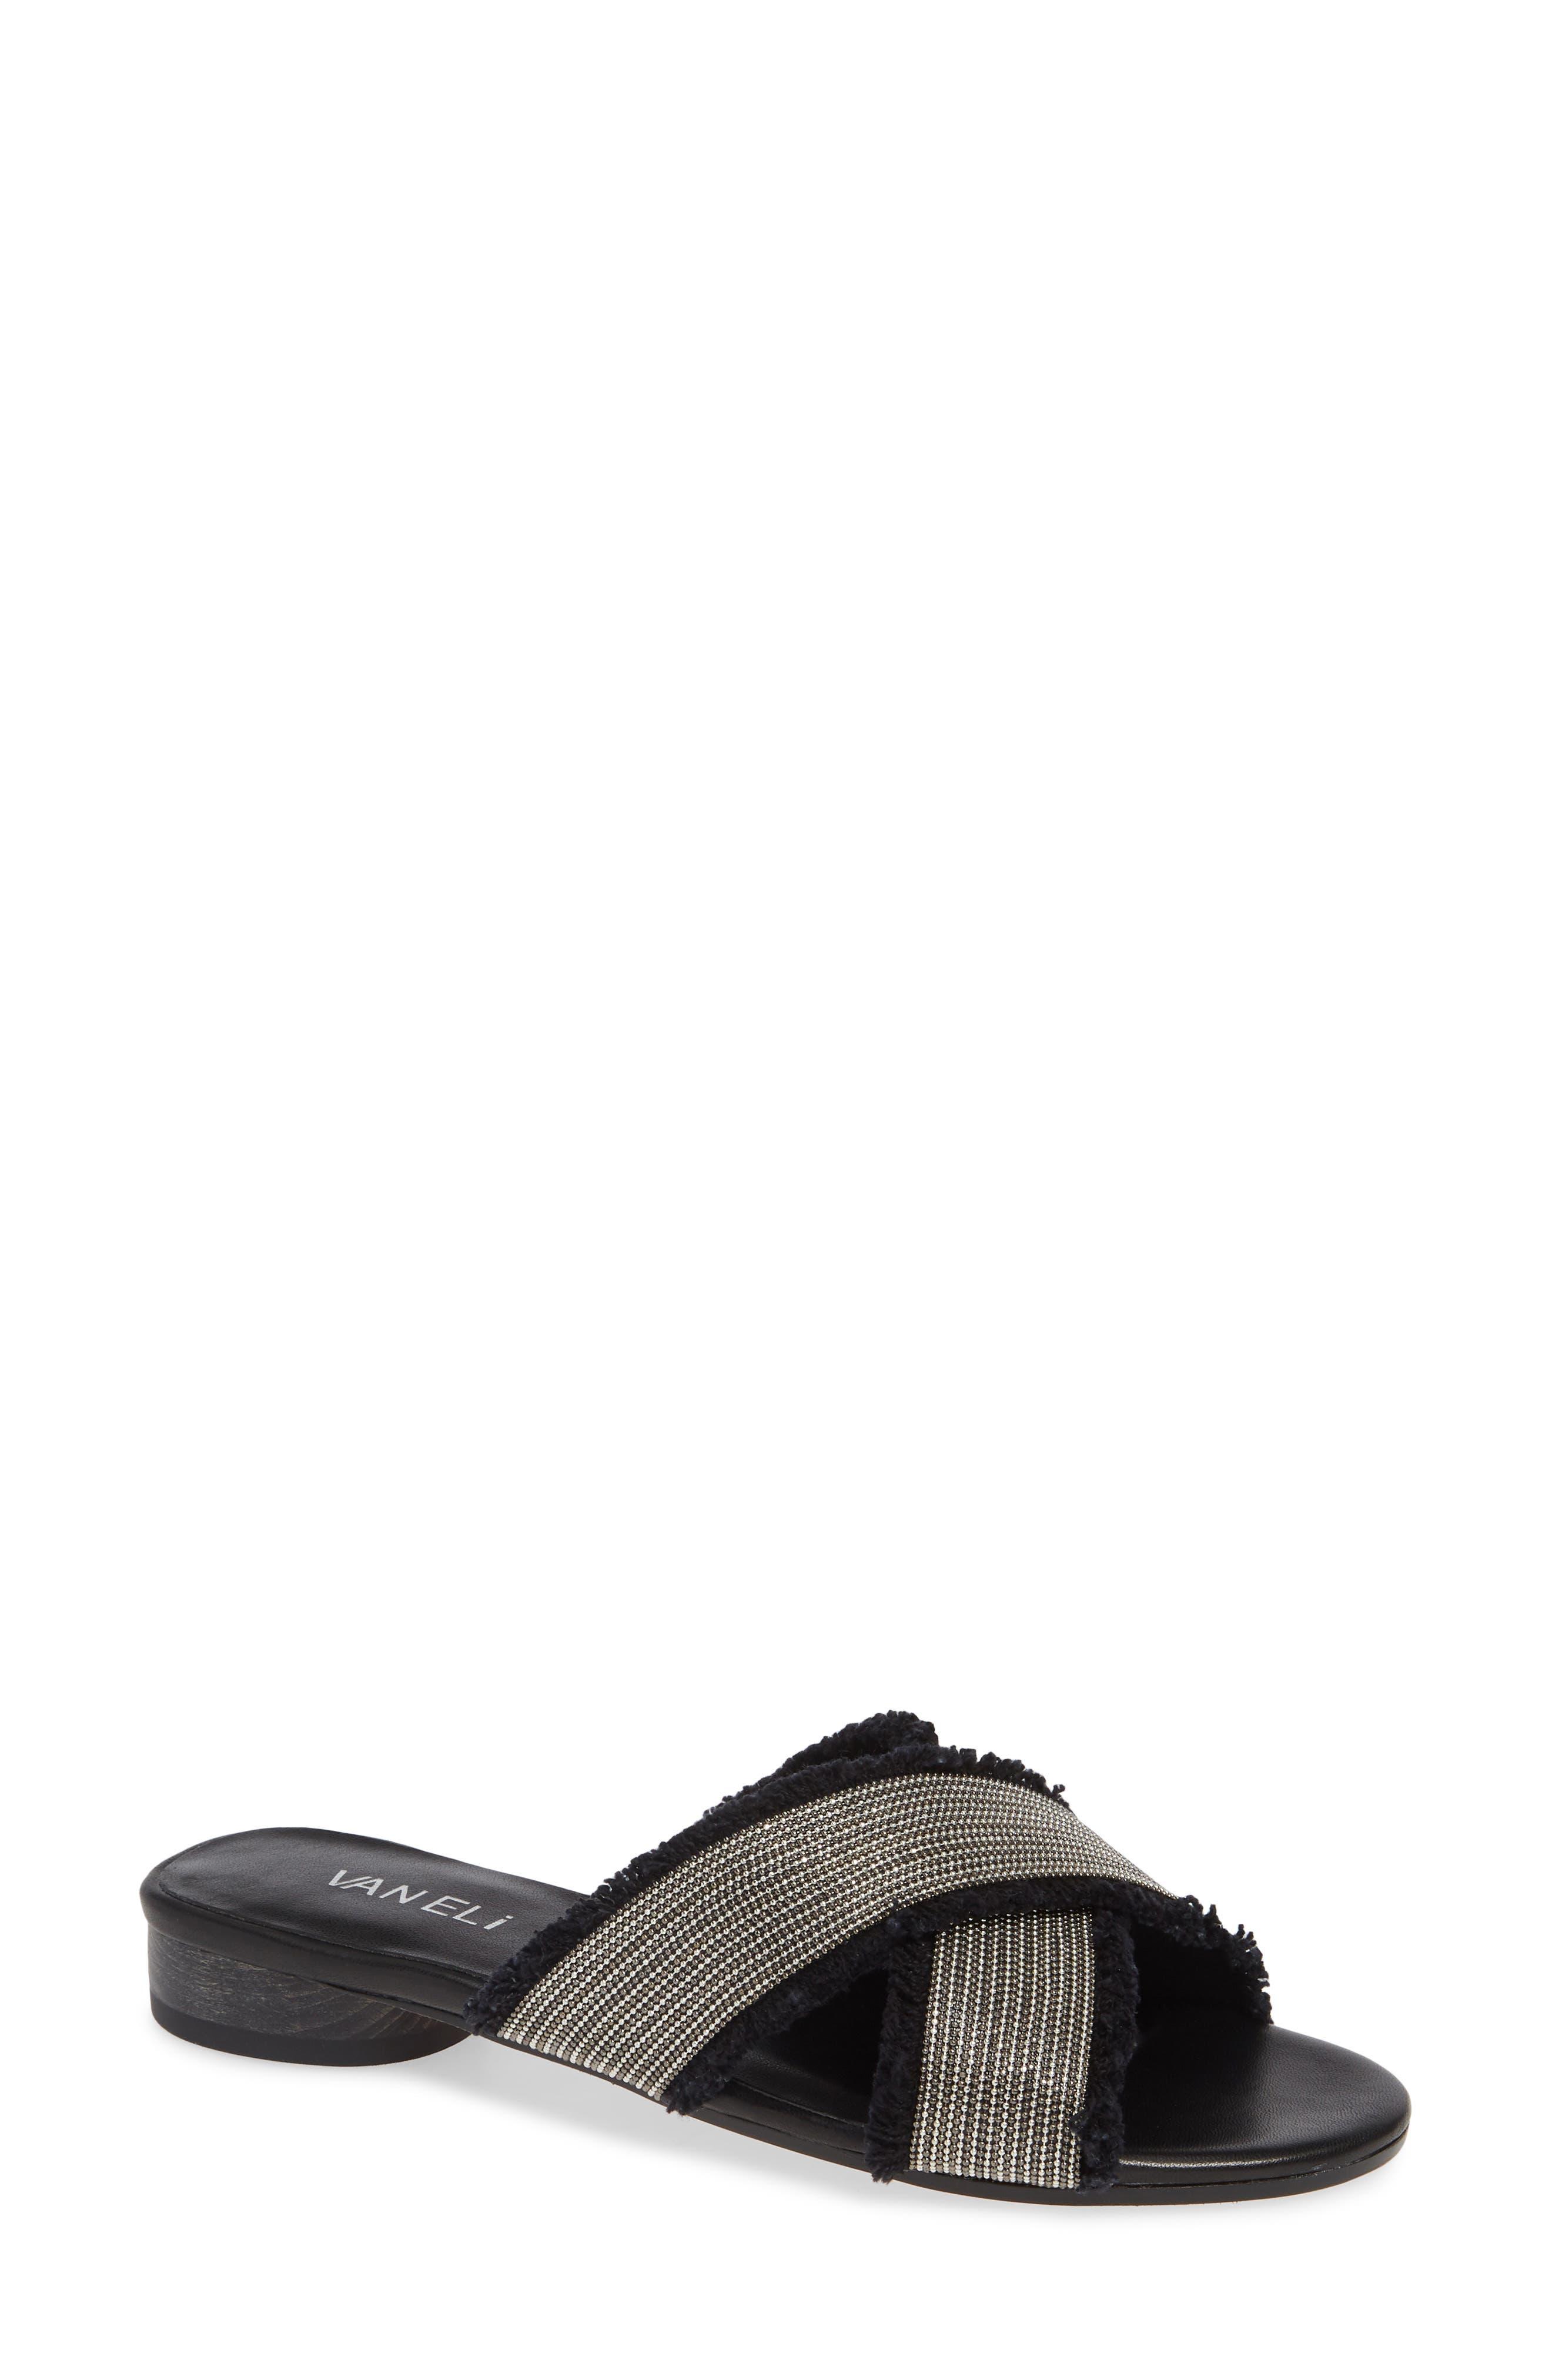 f552c996a12531 fringe sandals